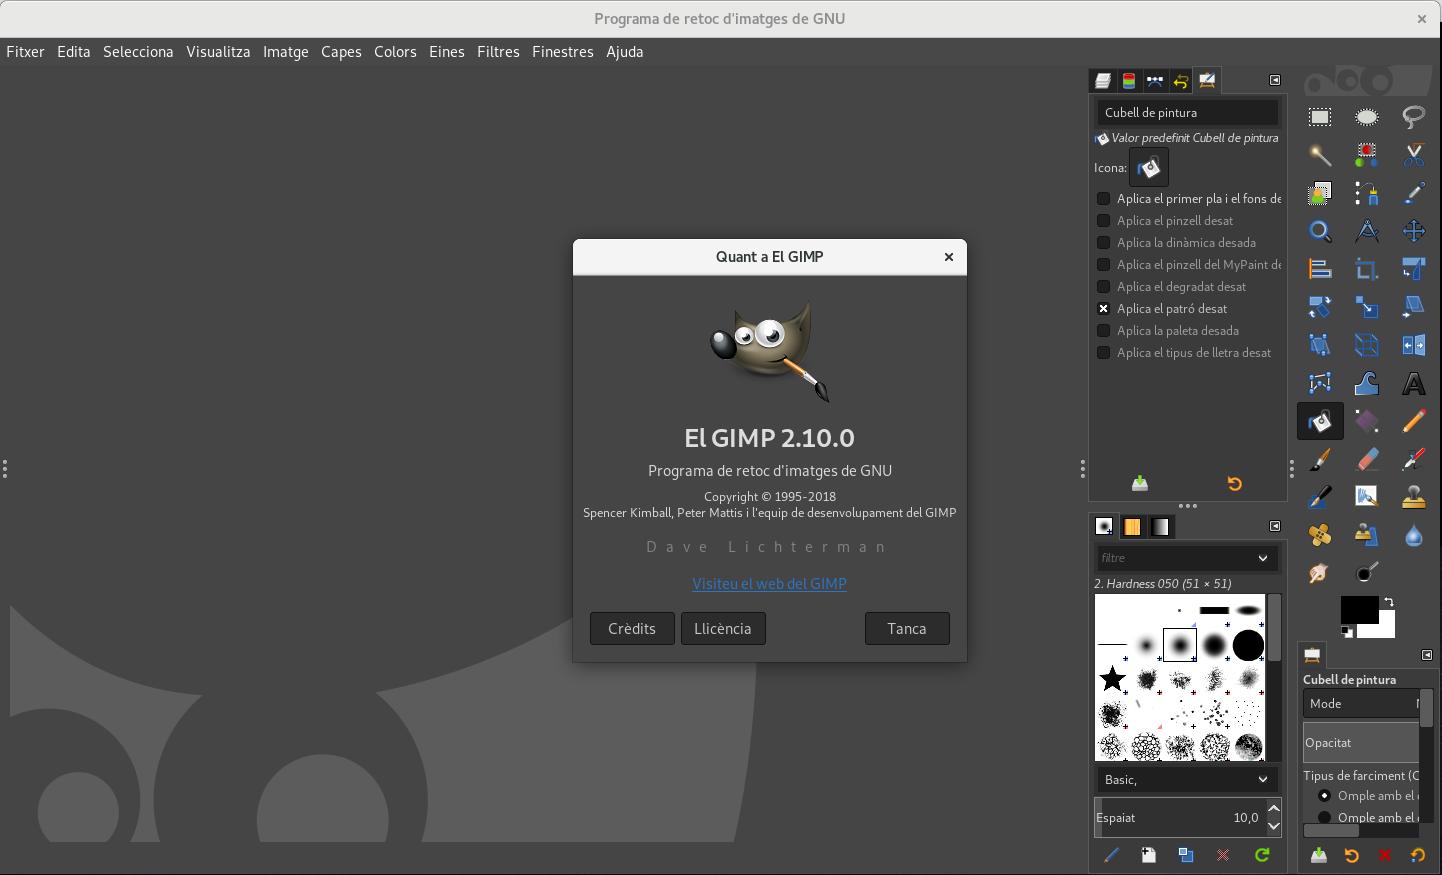 Softcatalà presenta la traducció al català del programa de retoc fotogràfic GIMP 2.10